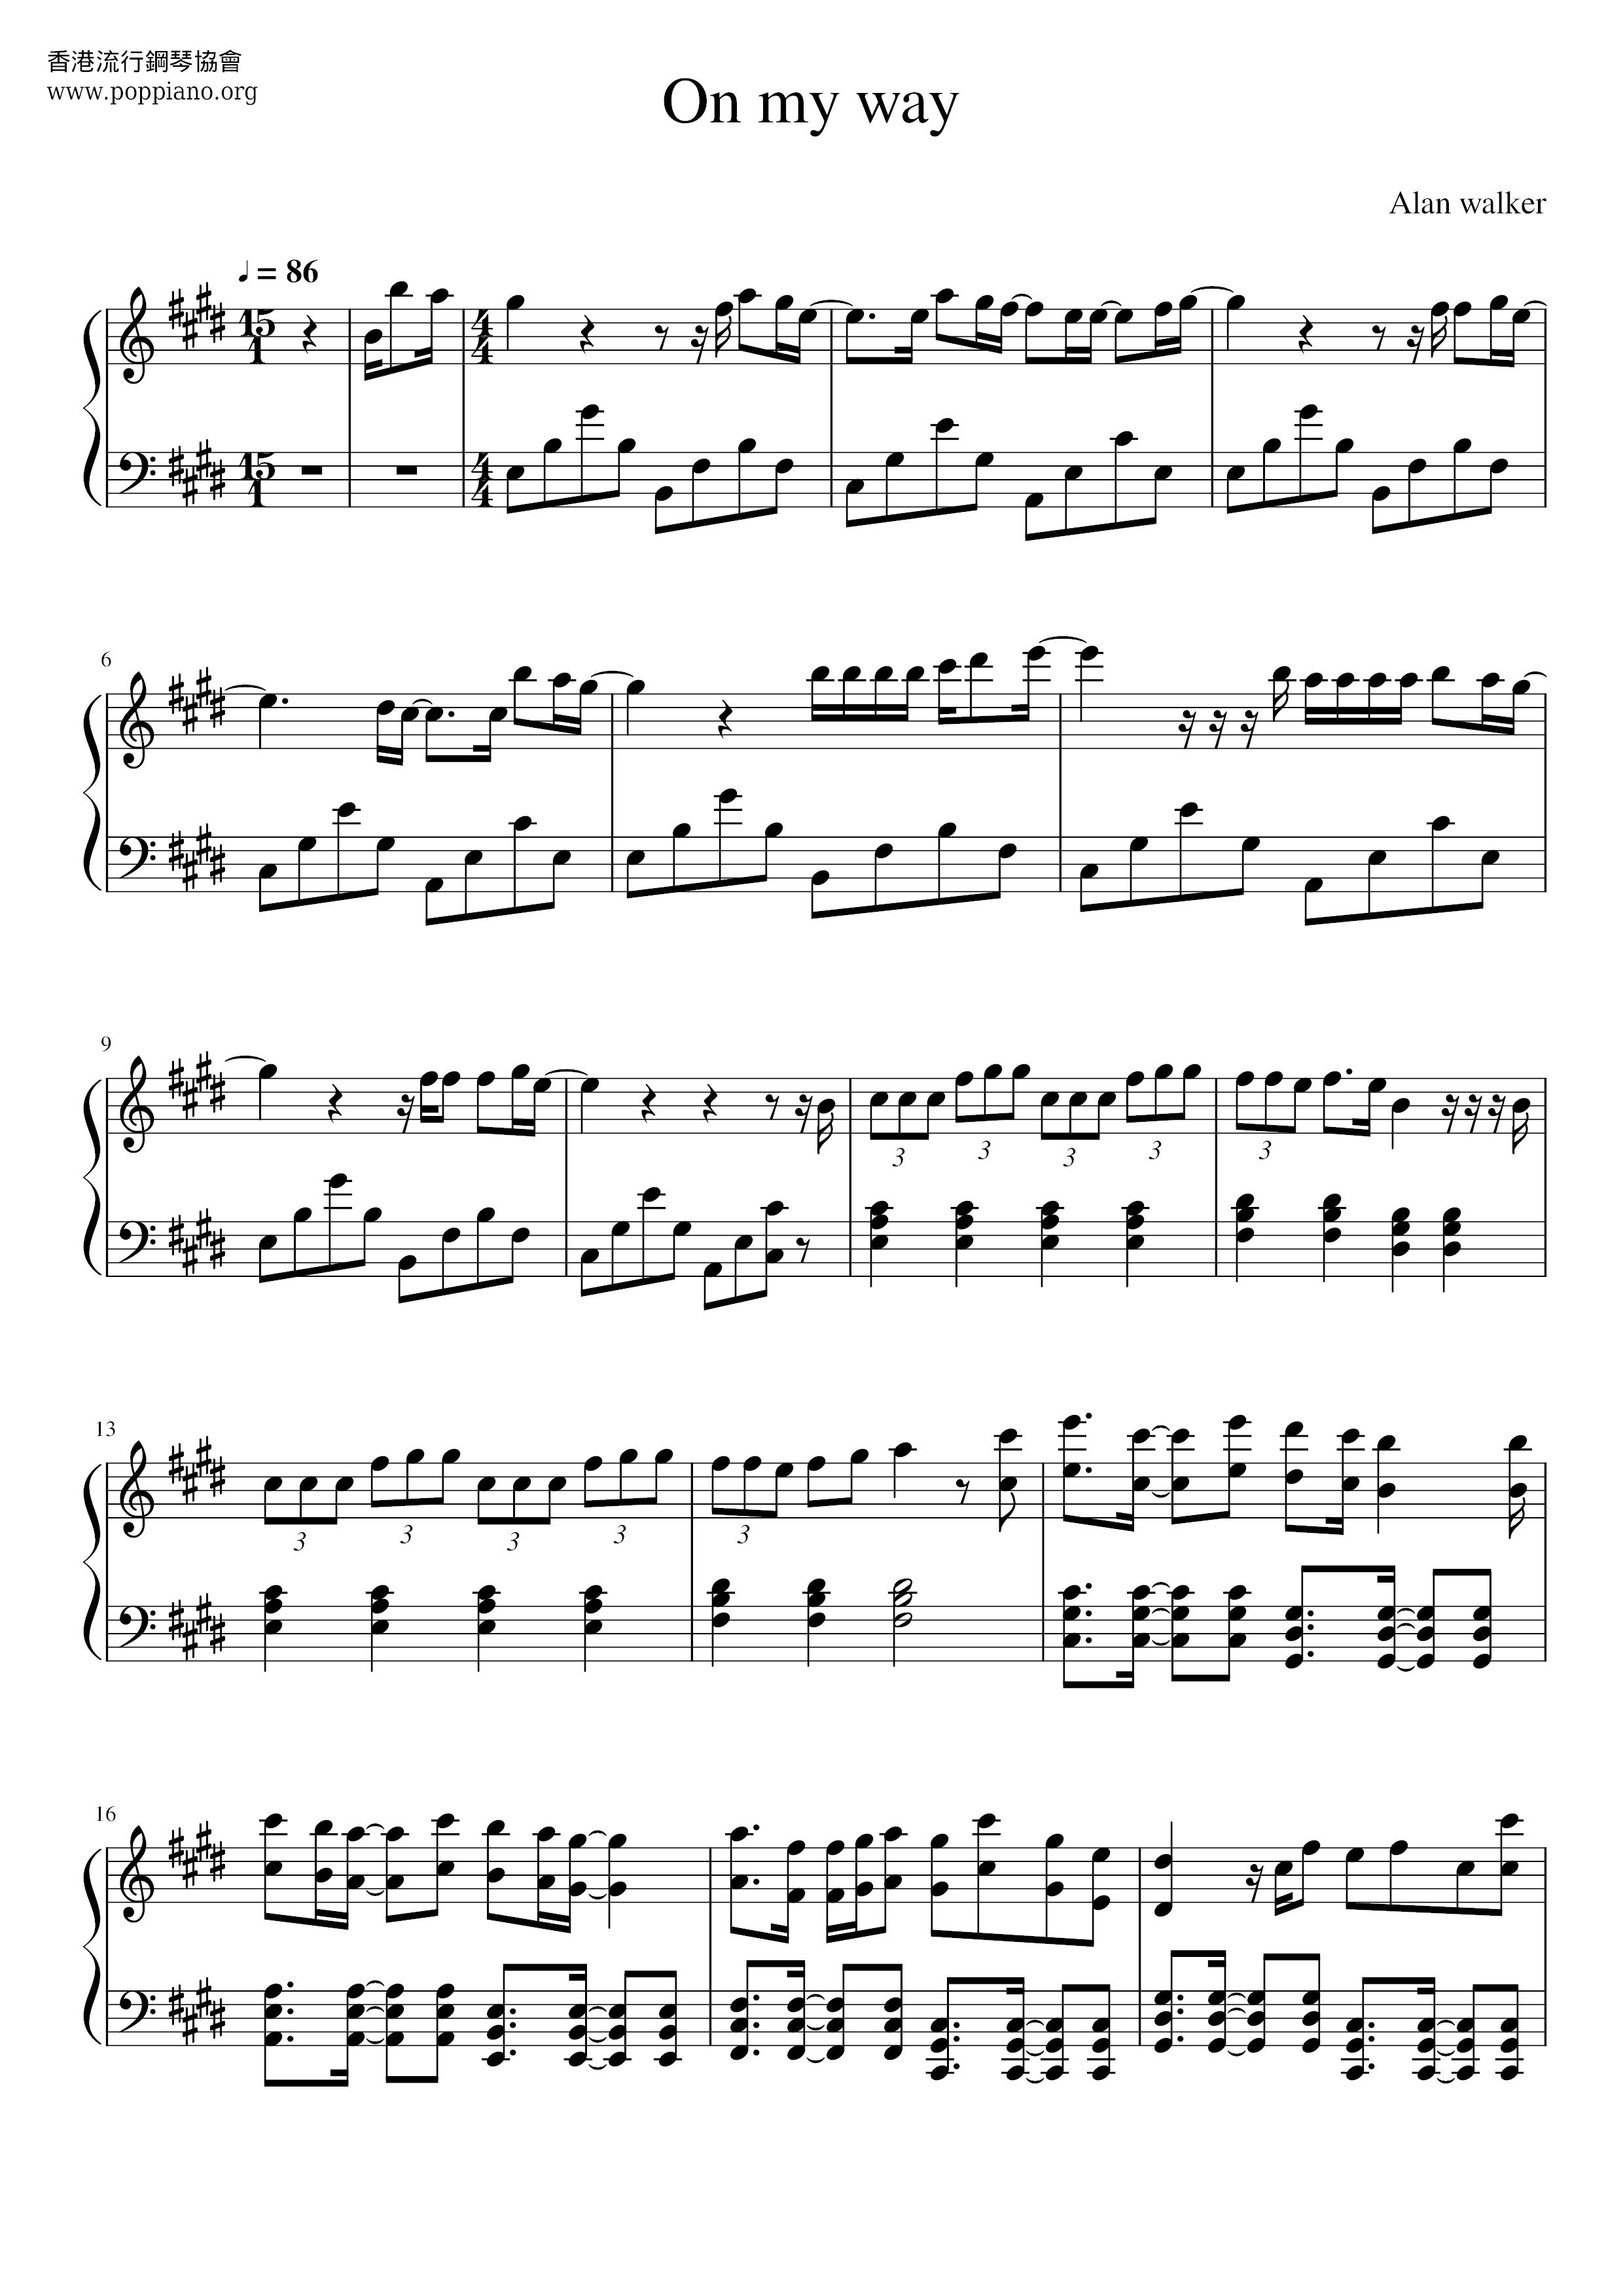 Alan Walker-On My Way Sheet Music pdf, (アラン・ウォーカー) - Free ...